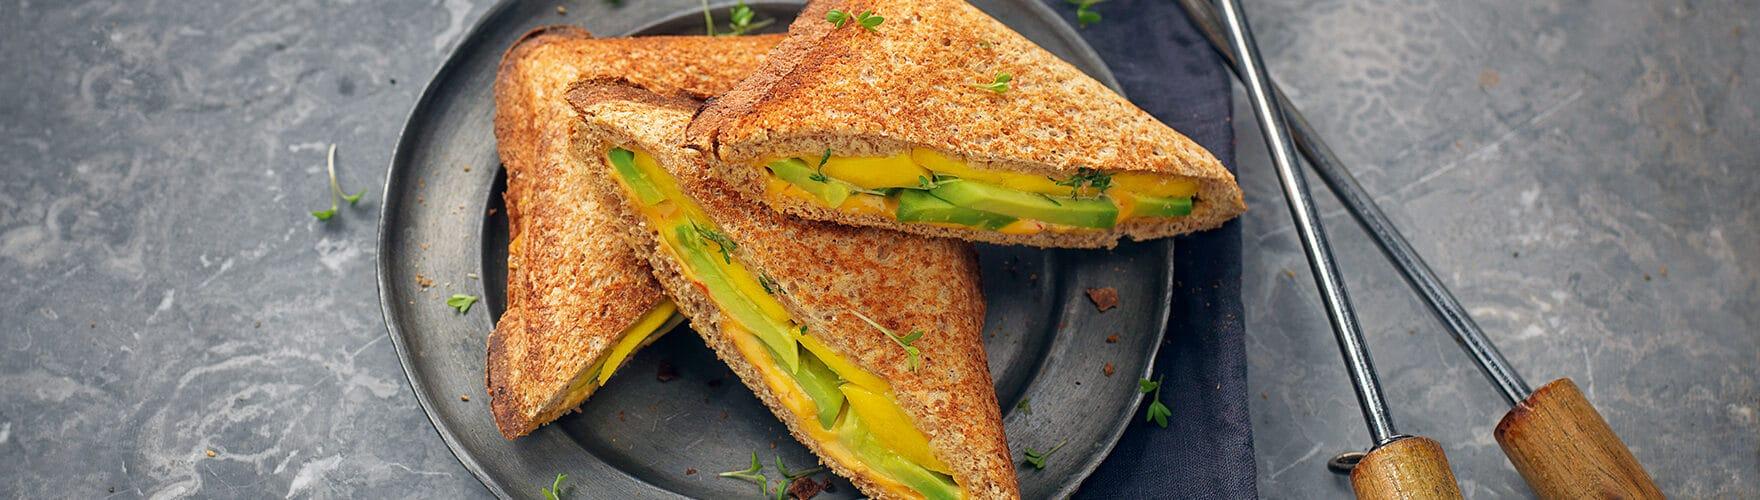 Tosti met cheddar, avocado, mango, tuinkers en sambal